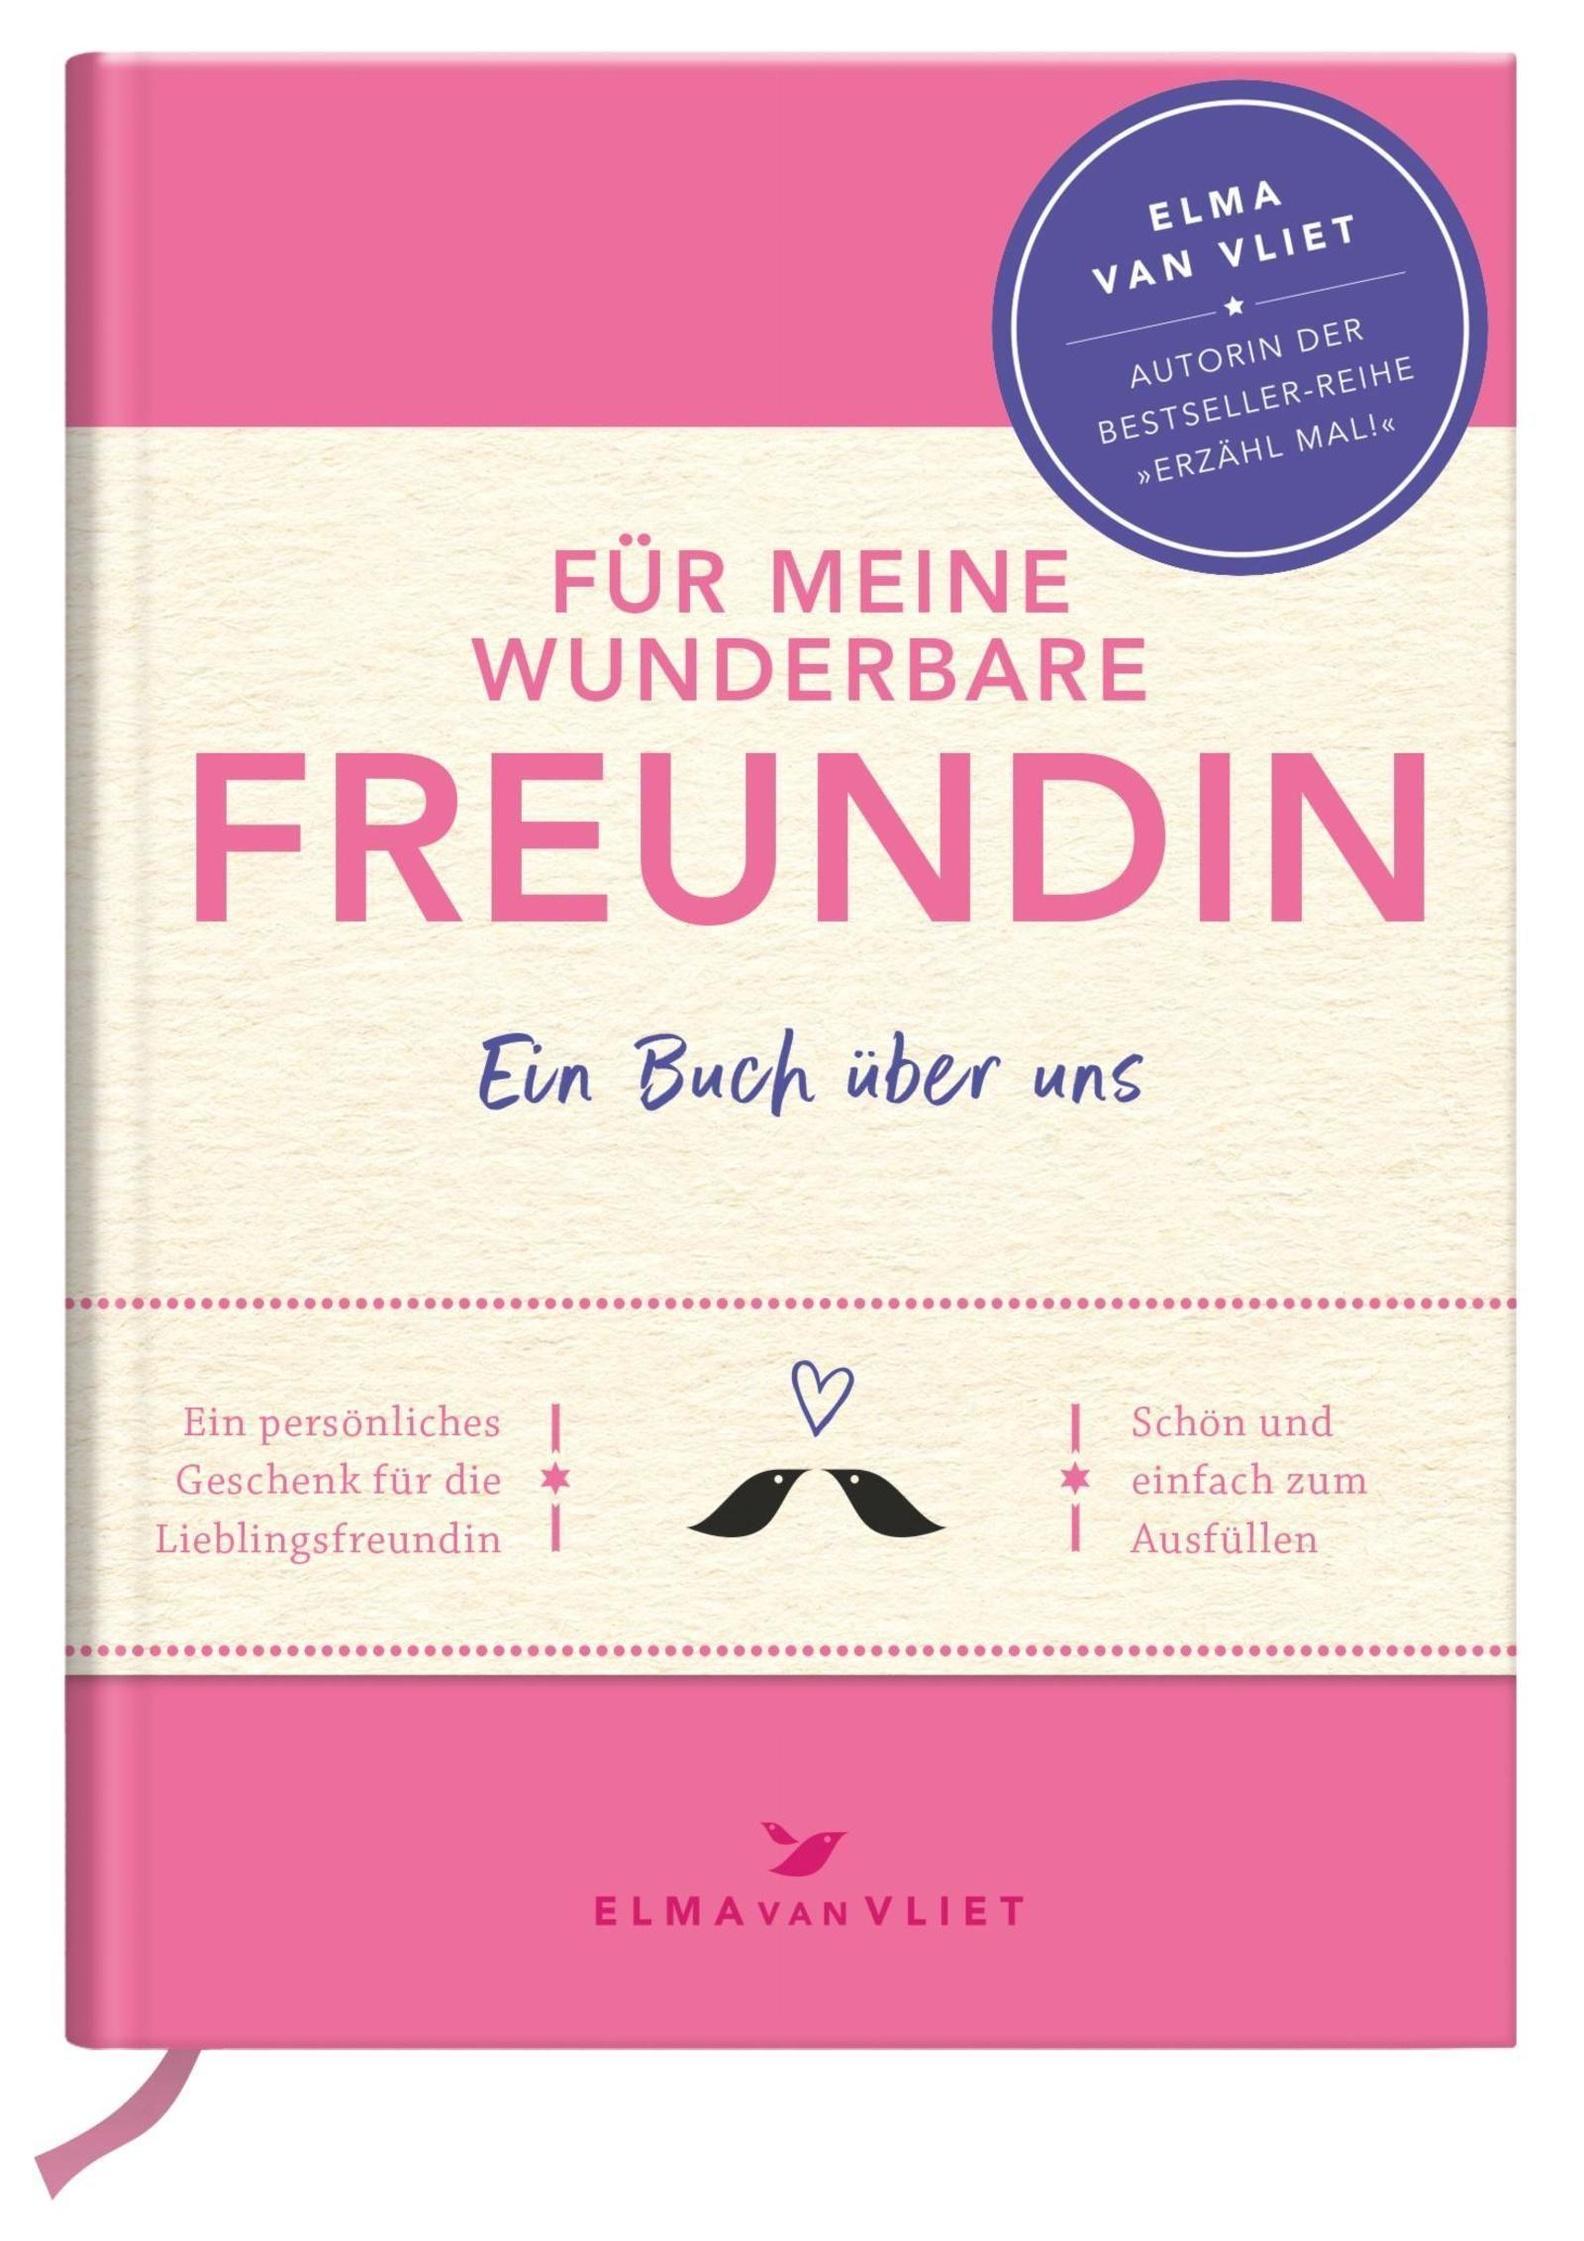 Für meine wunderbare Freundin Buch versandkostenfrei bei